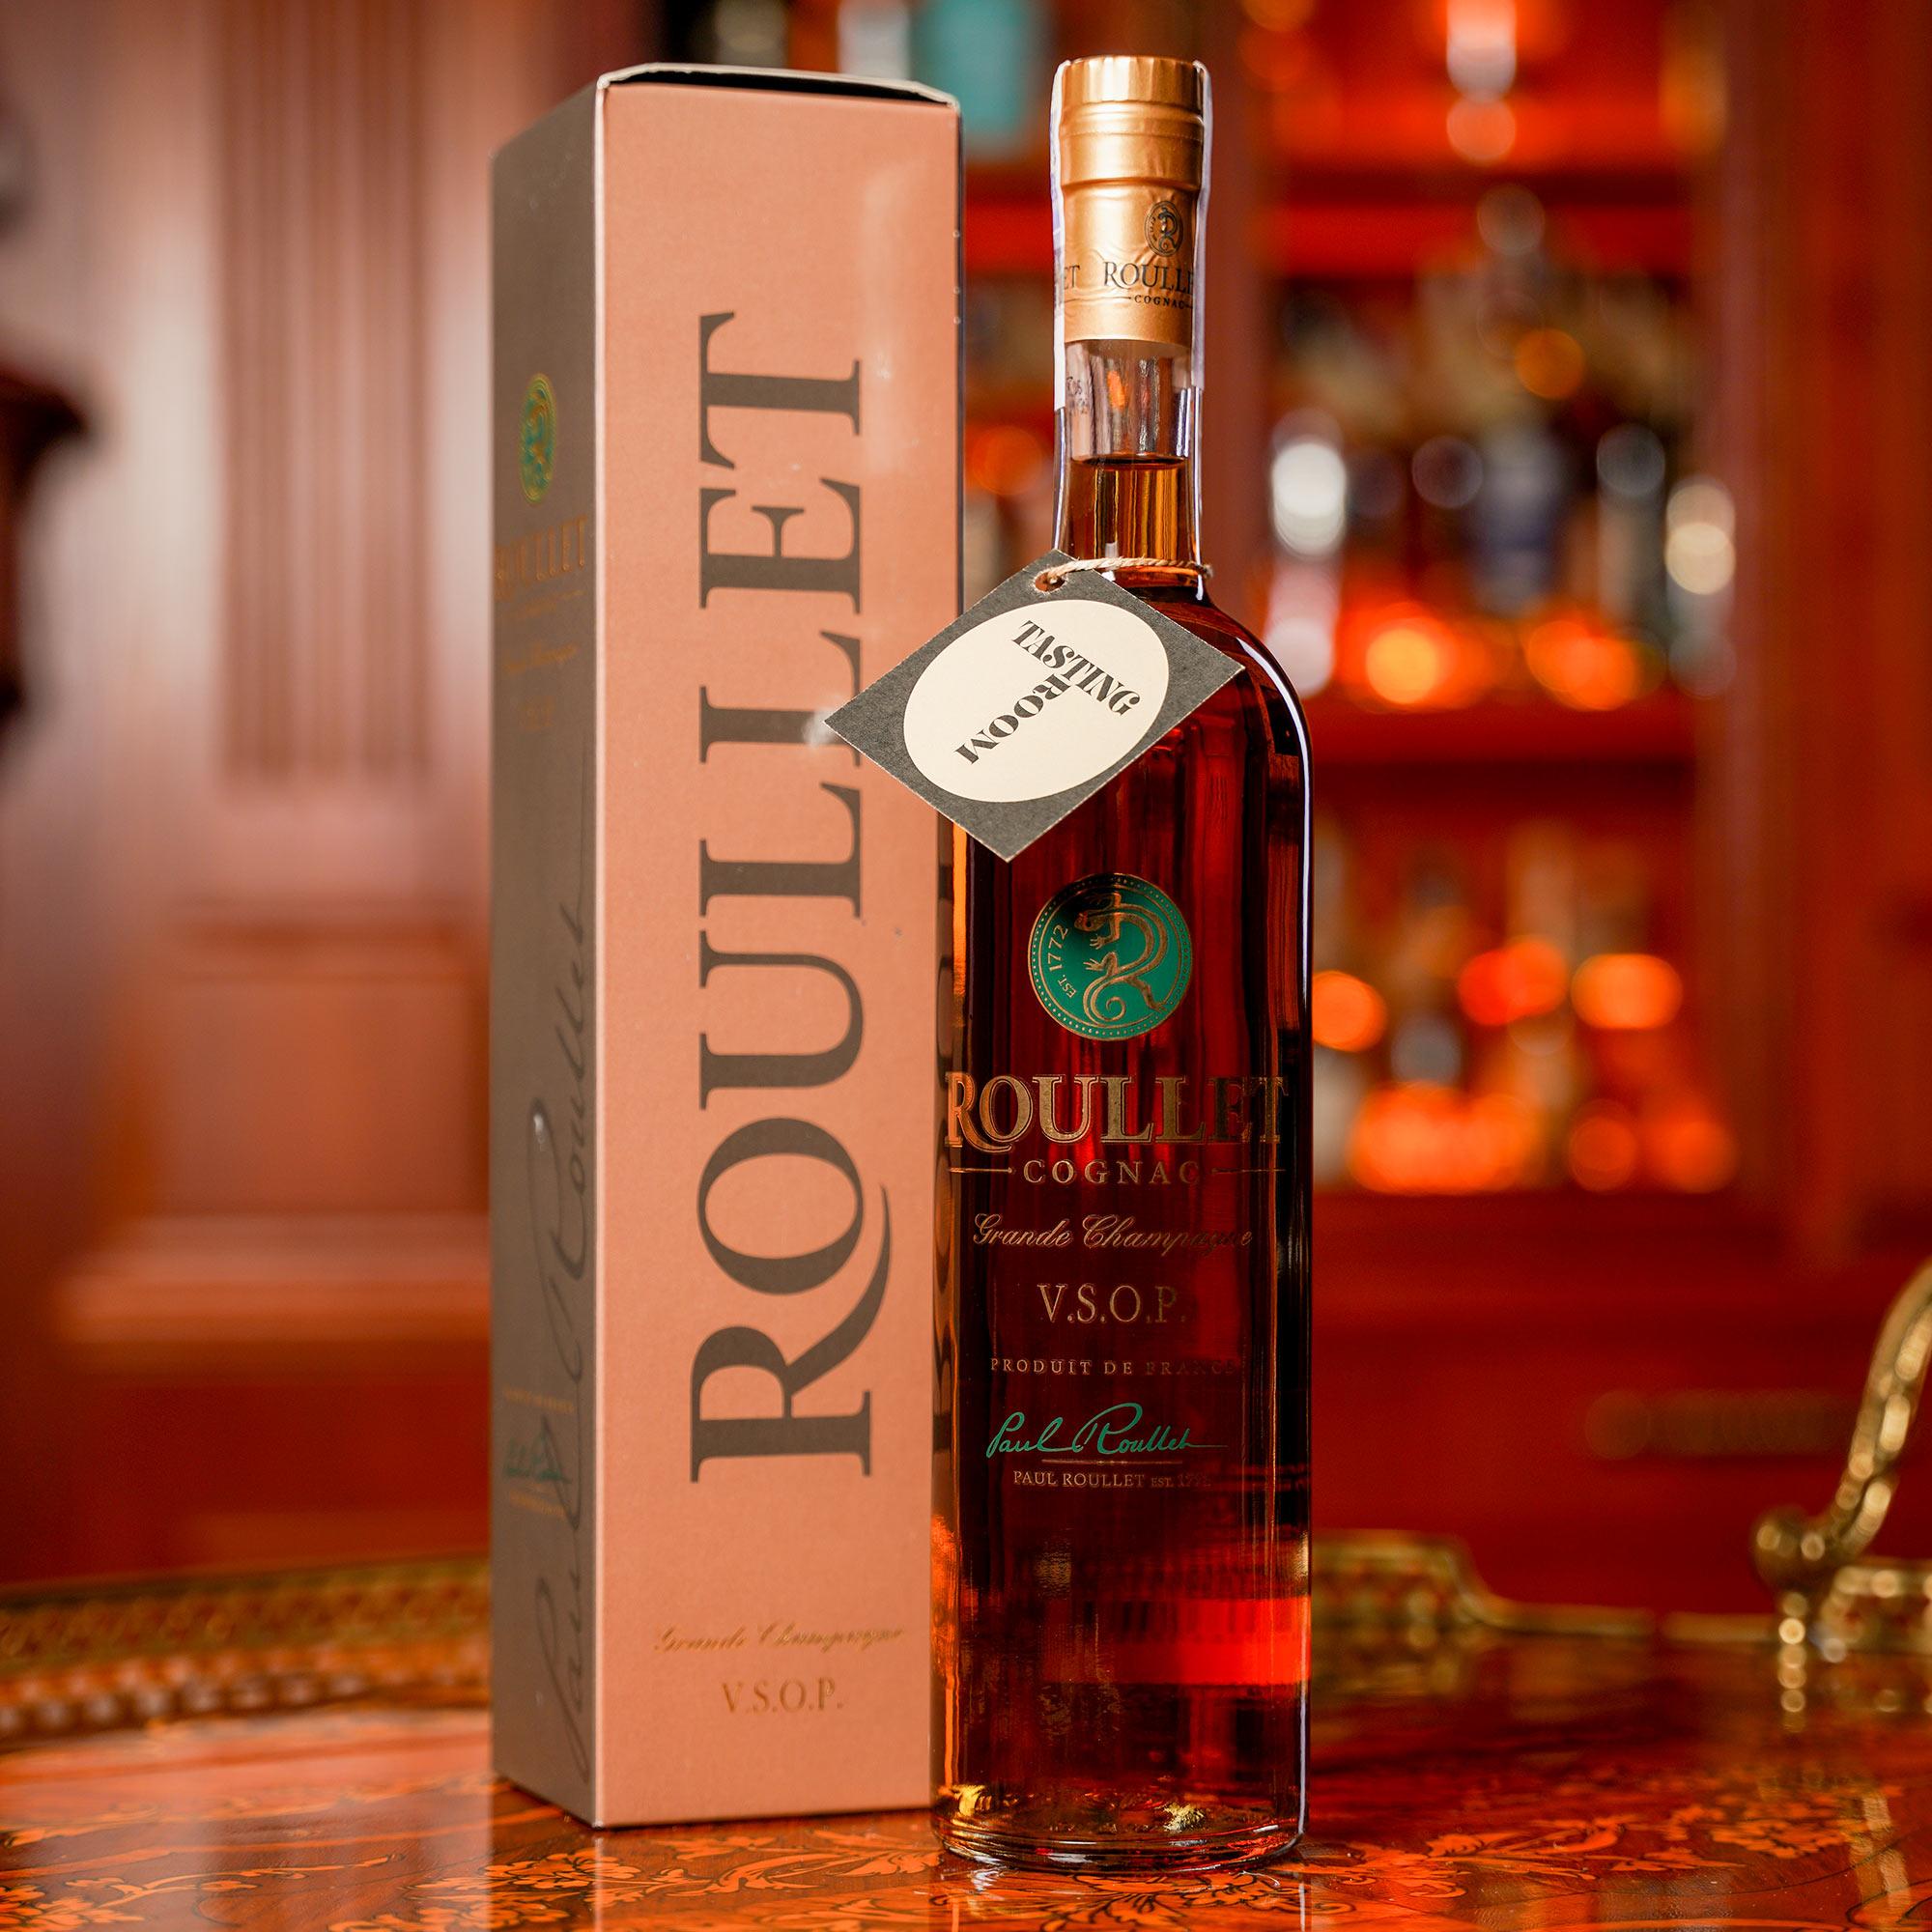 Roullet VSOP /Руле VSOP